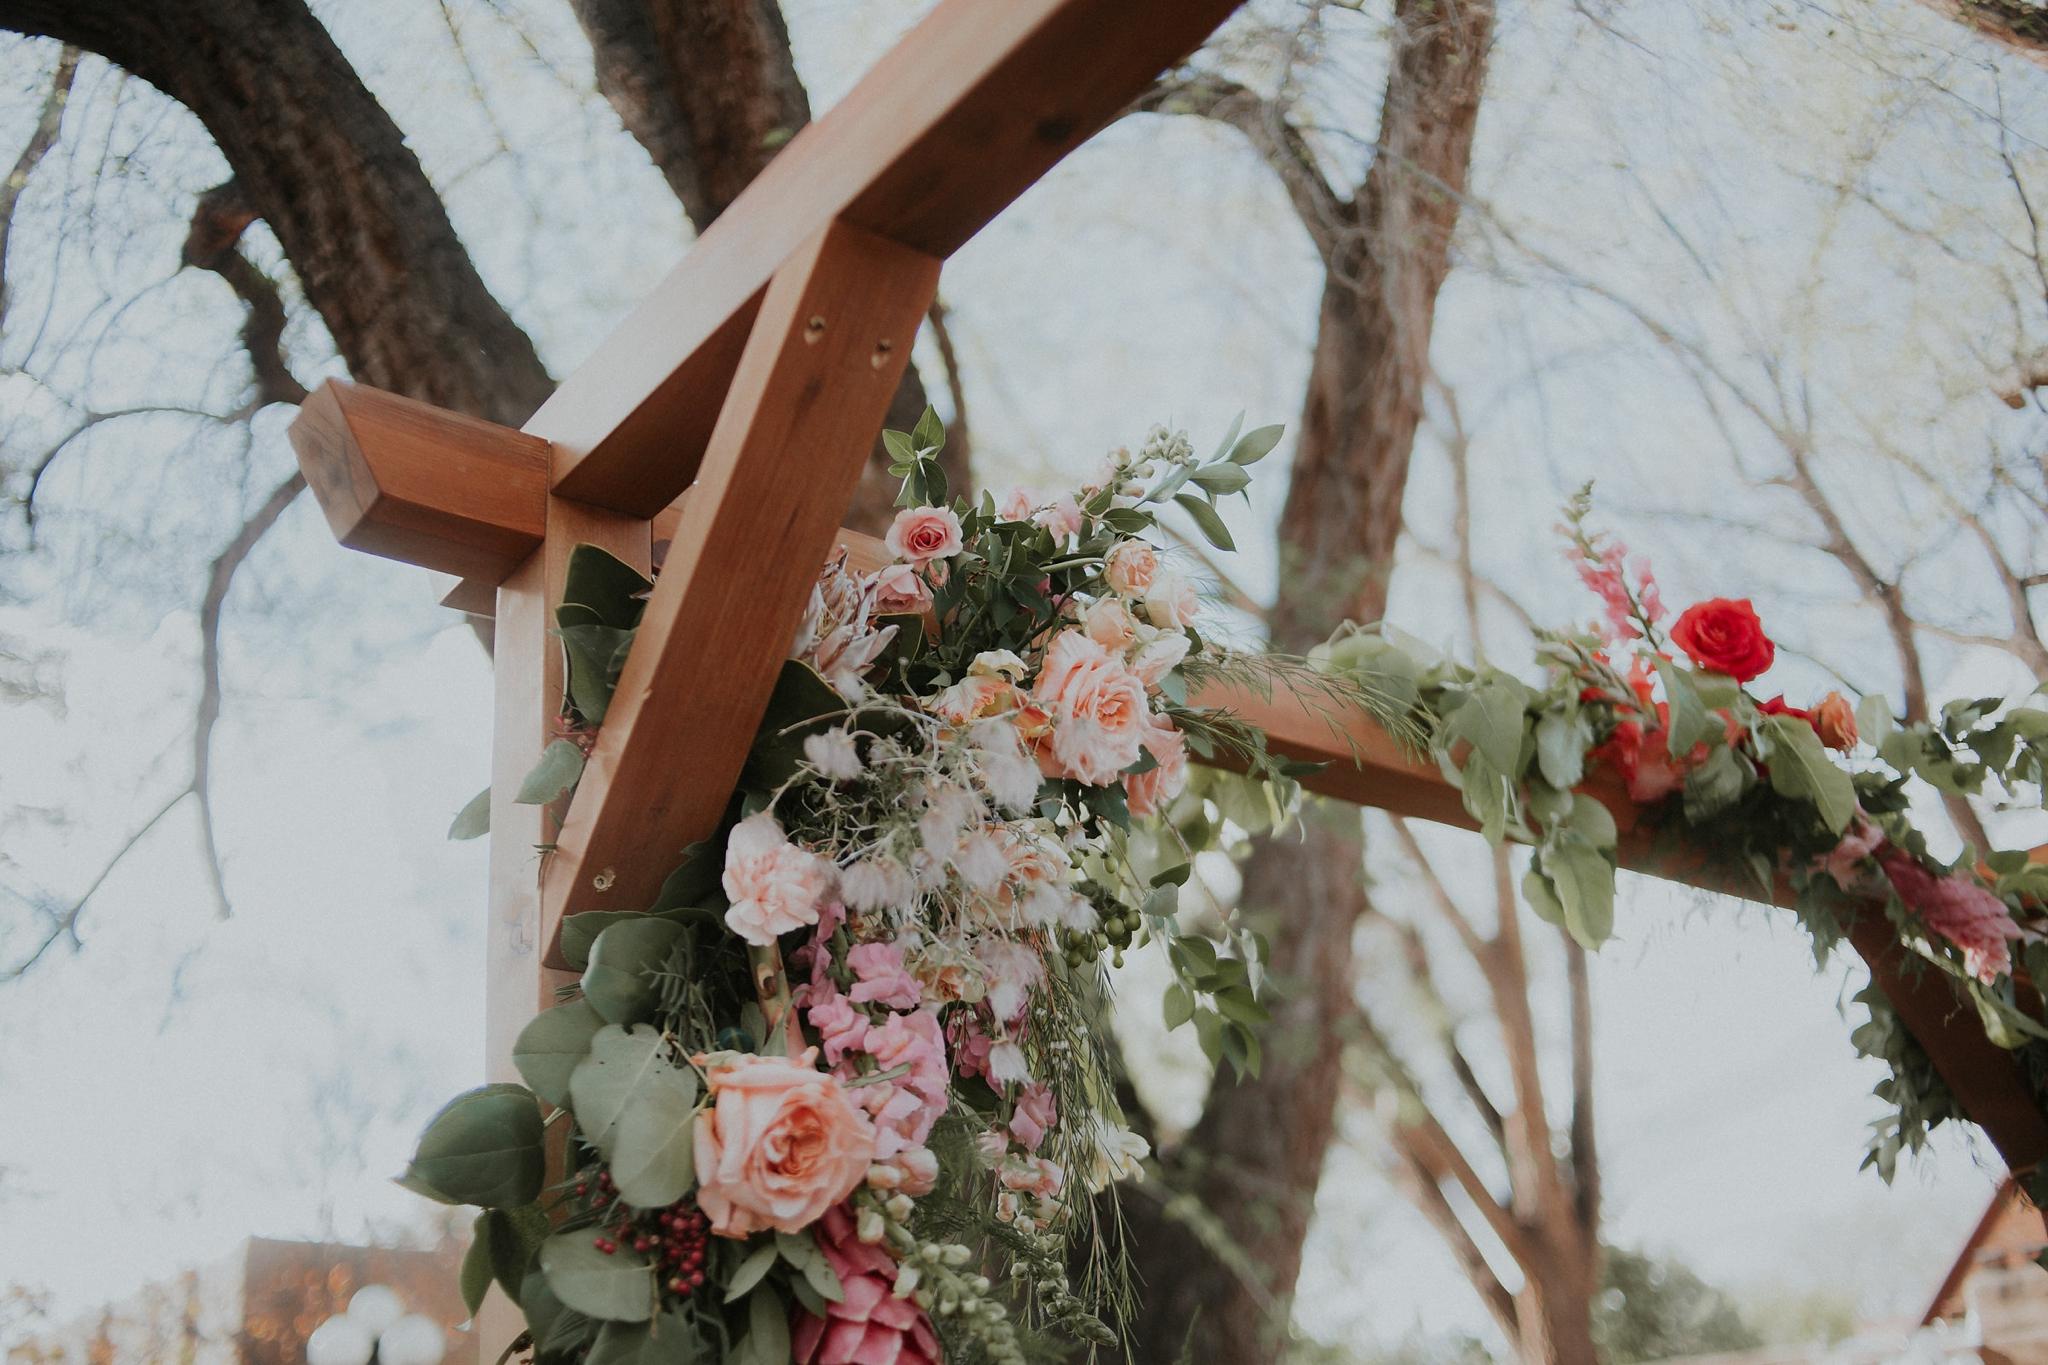 Alicia+lucia+photography+-+albuquerque+wedding+photographer+-+santa+fe+wedding+photography+-+new+mexico+wedding+photographer+-+wedding+ceremony+-+wedding+alter+-+floral+alter_0045.jpg